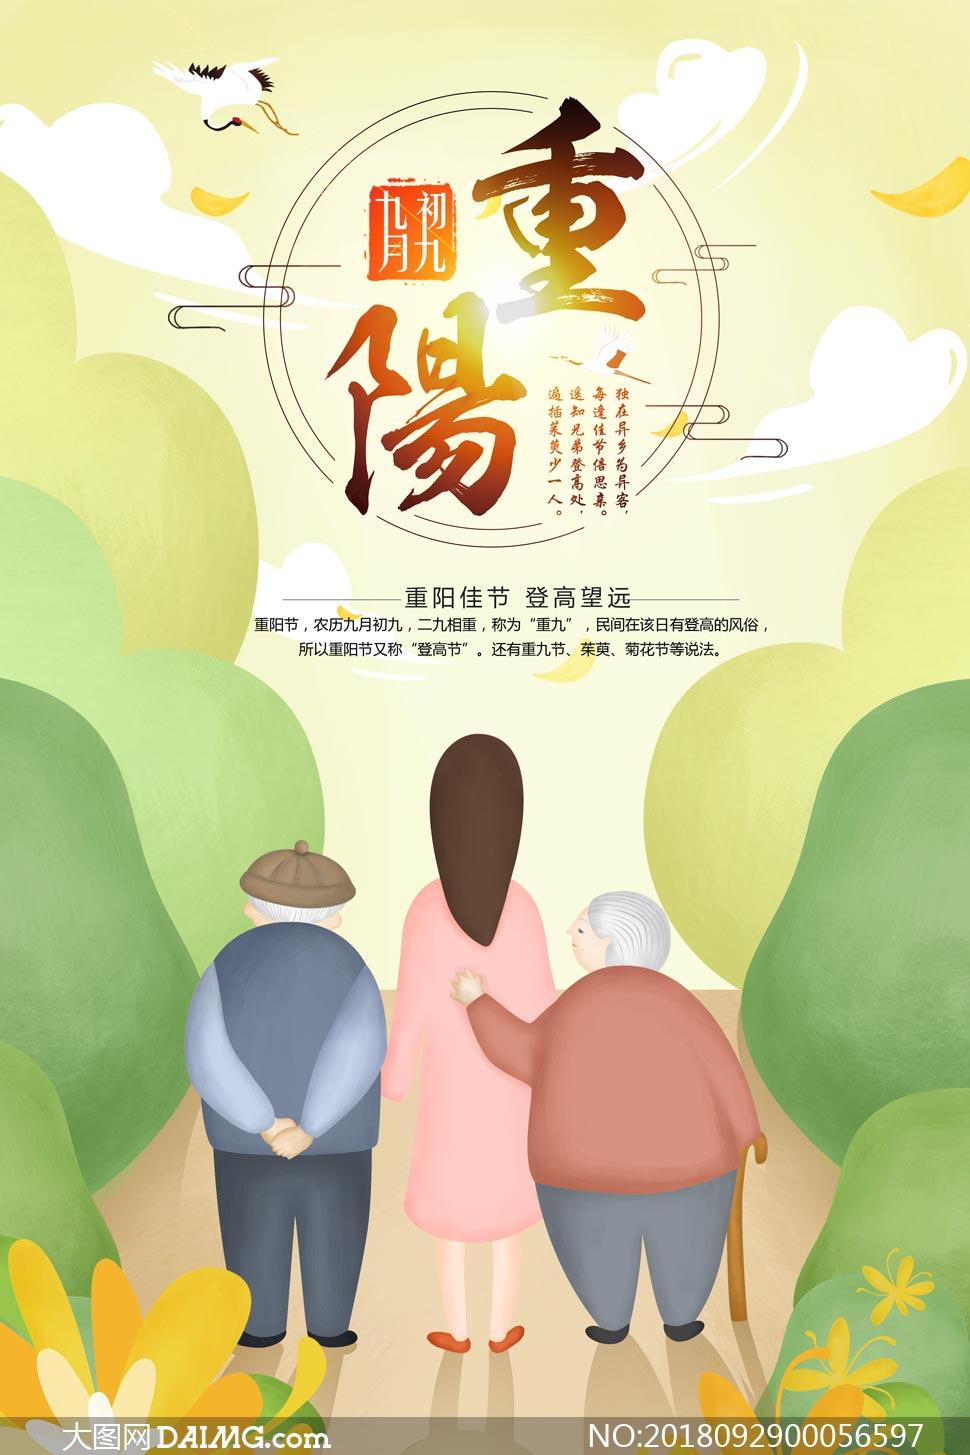 重阳节宣传海报设计psd源文件